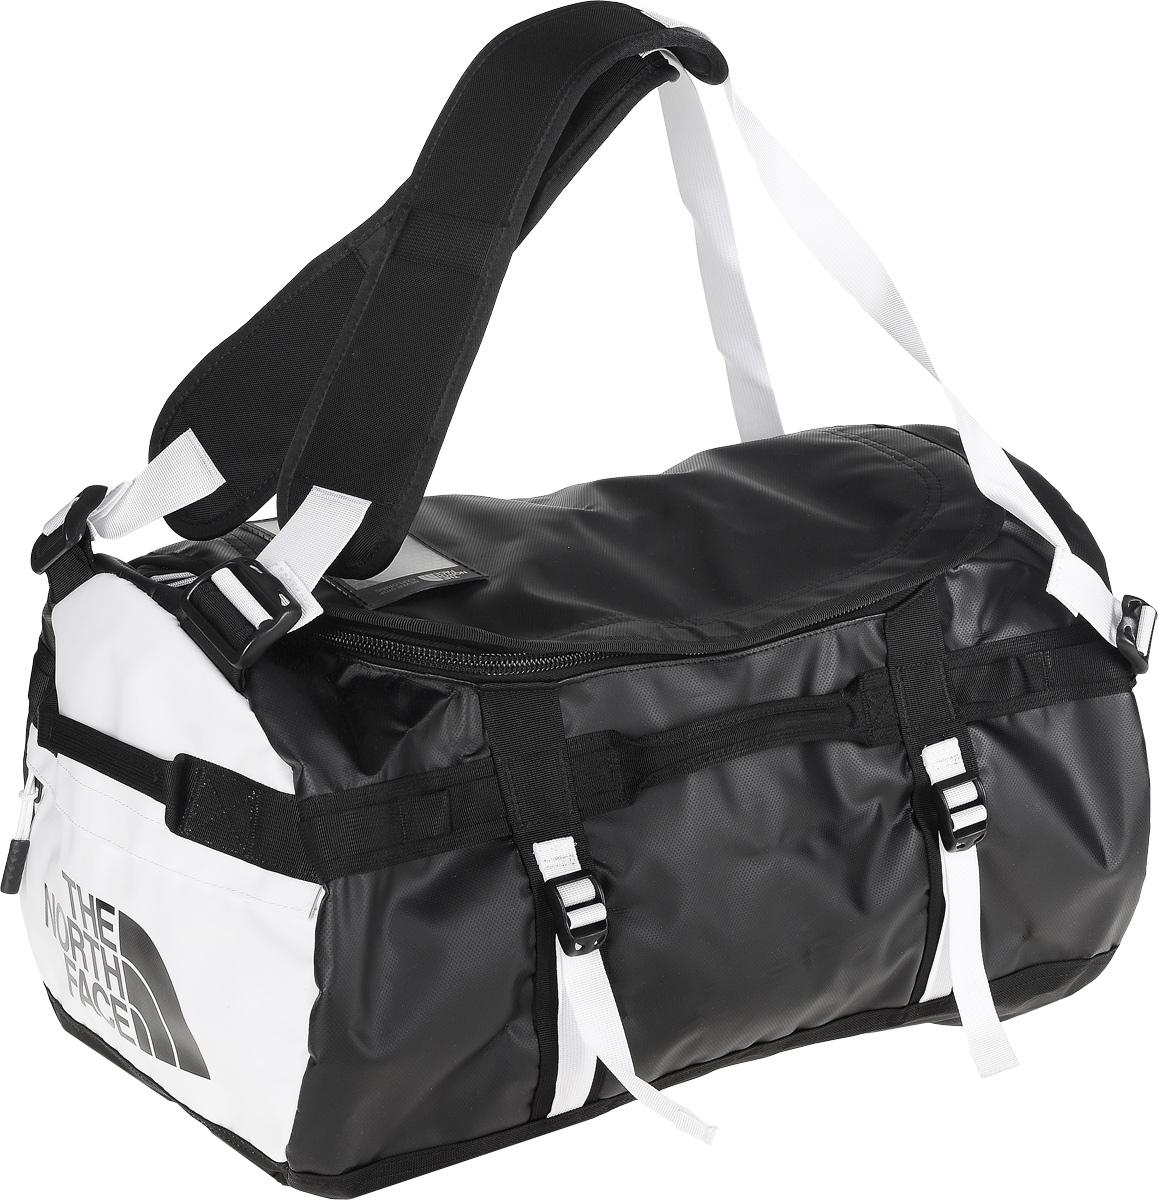 Сумка-рюкзак The North Face, цвет: черный, белый, 50 л. CWW3_KY4T0CWW3KY4Удобная экспедиционная сумка-рюкзак The North Face, вместительная модель, которая подойдет на любой жизненный случай. Изготовлена модель из сочетания водонепроницаемого баллистического нейлона и полиэстера с TPE ламинированием. Модель имеет улучшенные эргономичные плечевые лямки, новые боковые ручки, которые позволяют с удобством переносить или тащить тяжелые грузы. Основное отделение сумки застегивается на U-образную молнию с защитой от влаги. Также изделие оснащено дополнительным боковым карманом на молнии для телефона или необходимых в пути документов. Верхняя крышка сумки дополнена небольшим отделением для бейджа с персональными данными, а с внутренней стороны имеет карман на молнии из сетчатой ткани. Оформлена модель износостойким принтом с логотипом бренда.